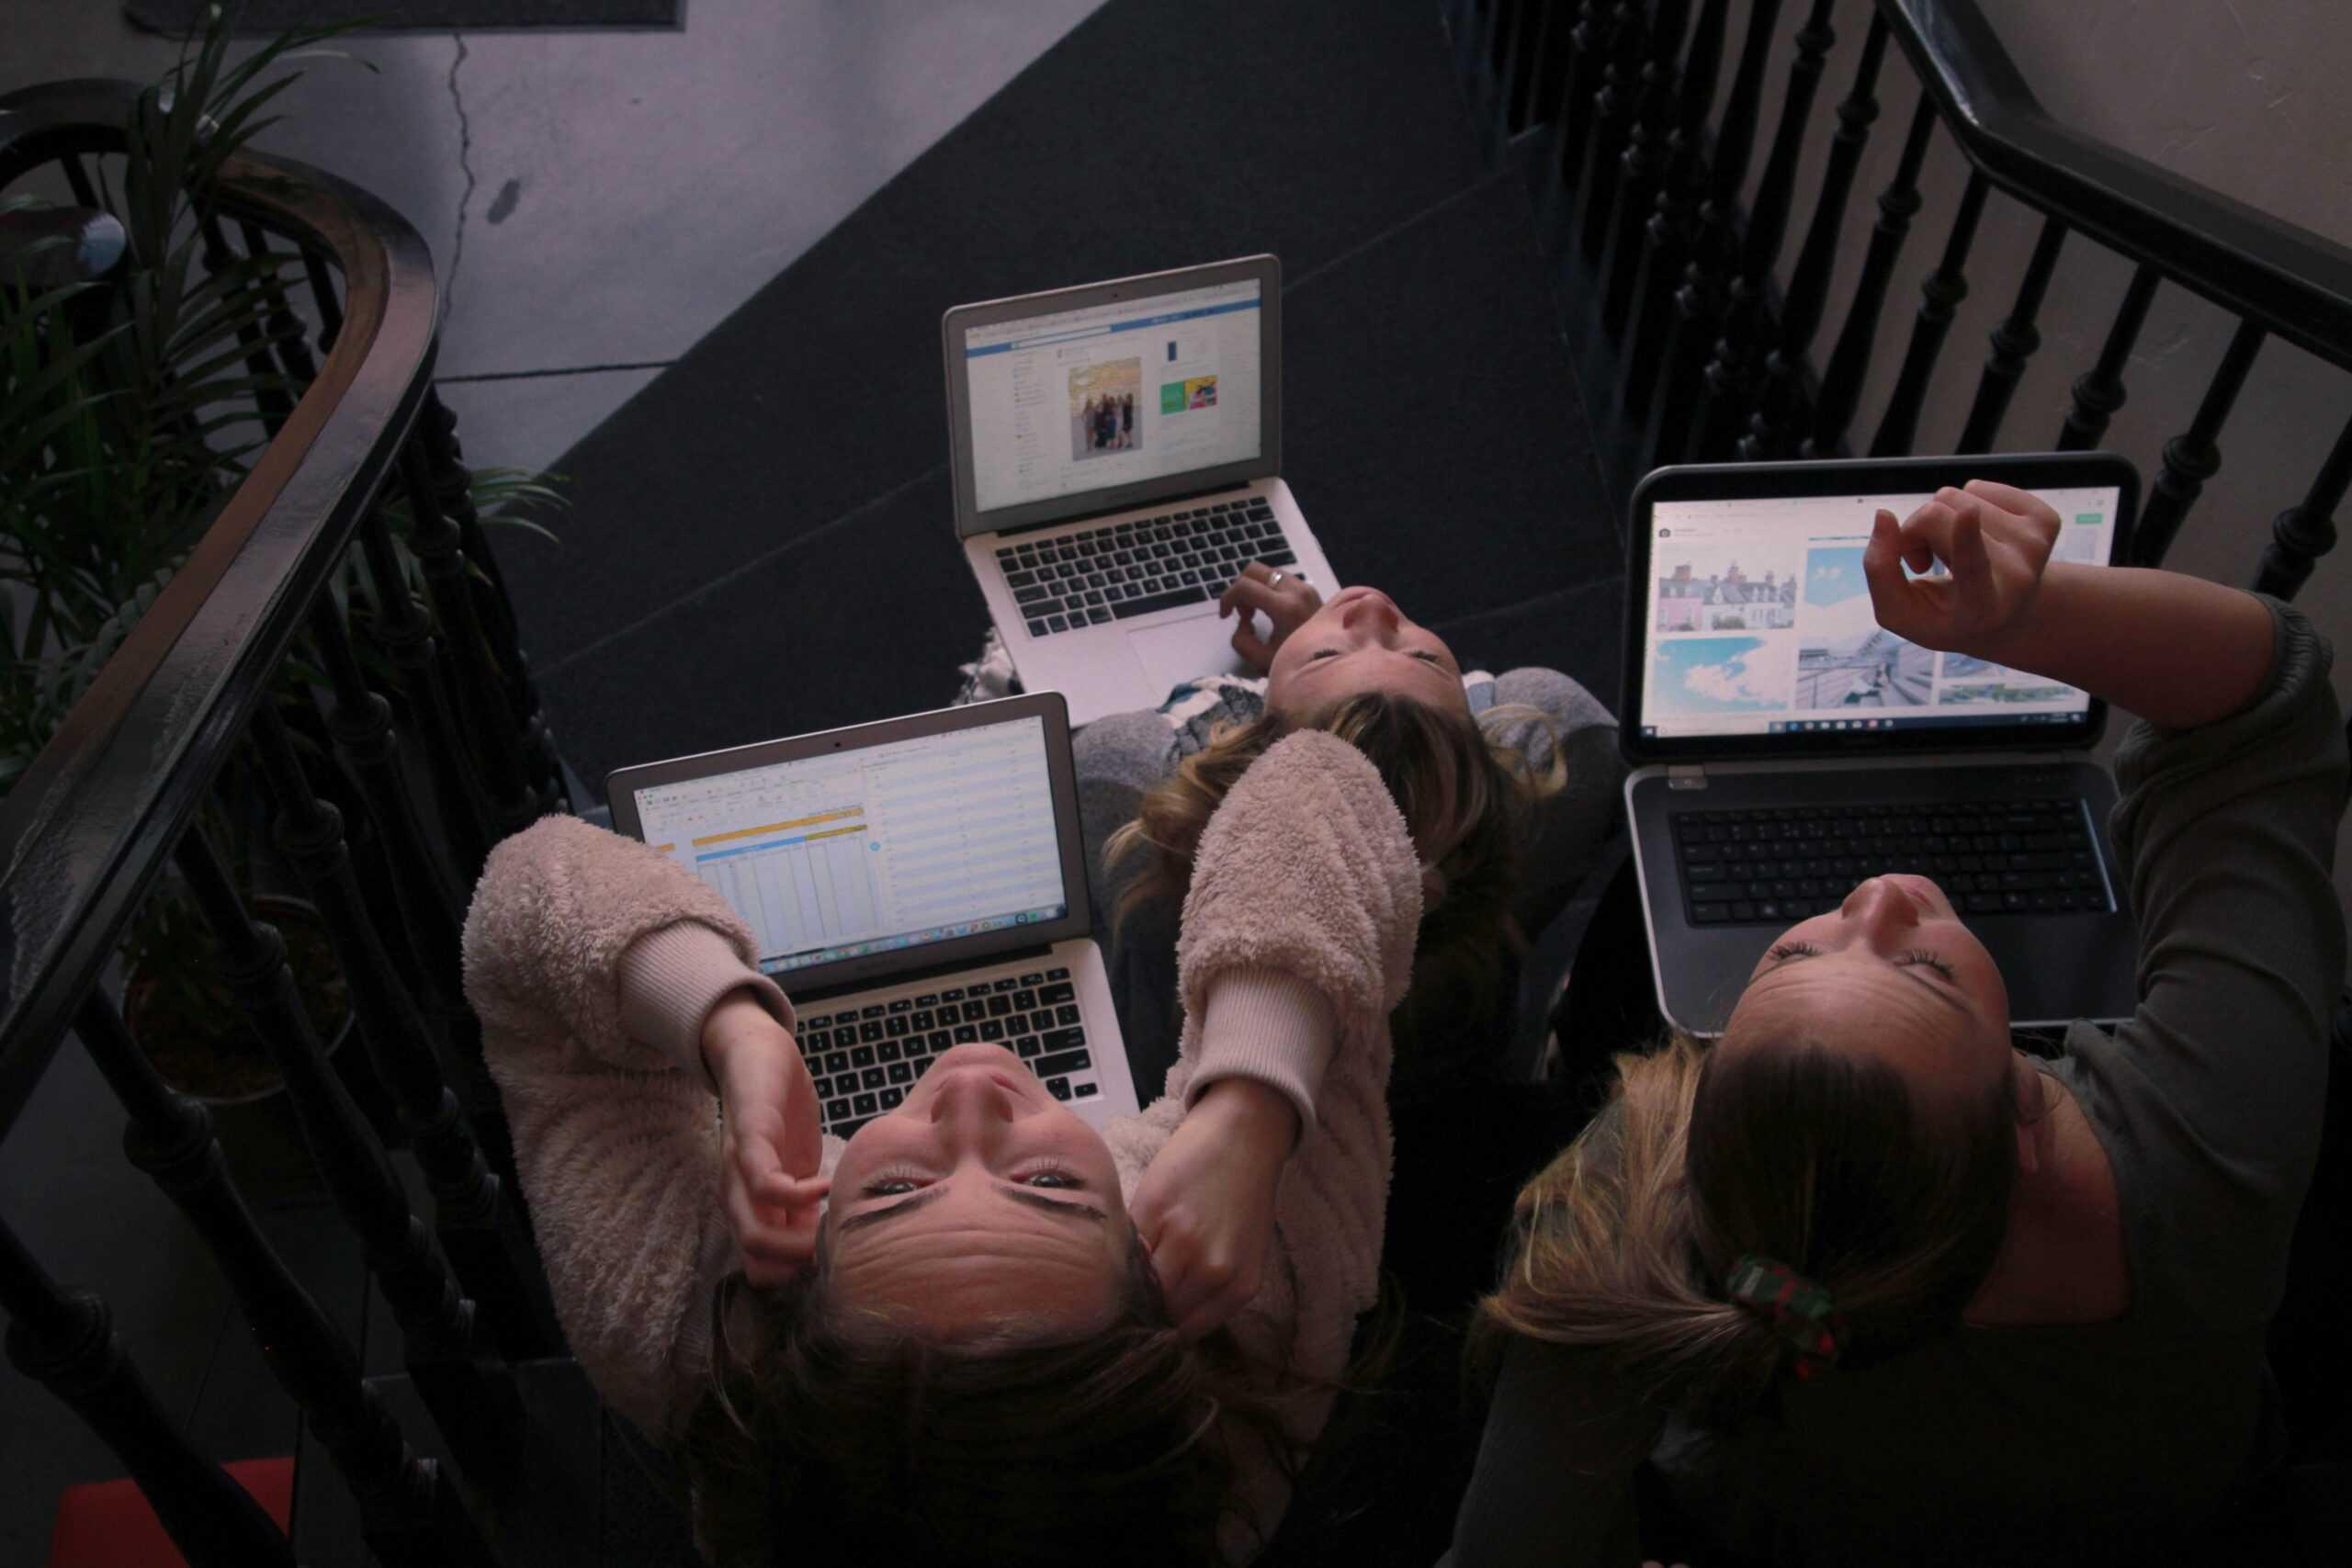 Snart är det dags för Hack för Södertälje – två hackaton med fokus på ett hållbart Södertälje 2030 1